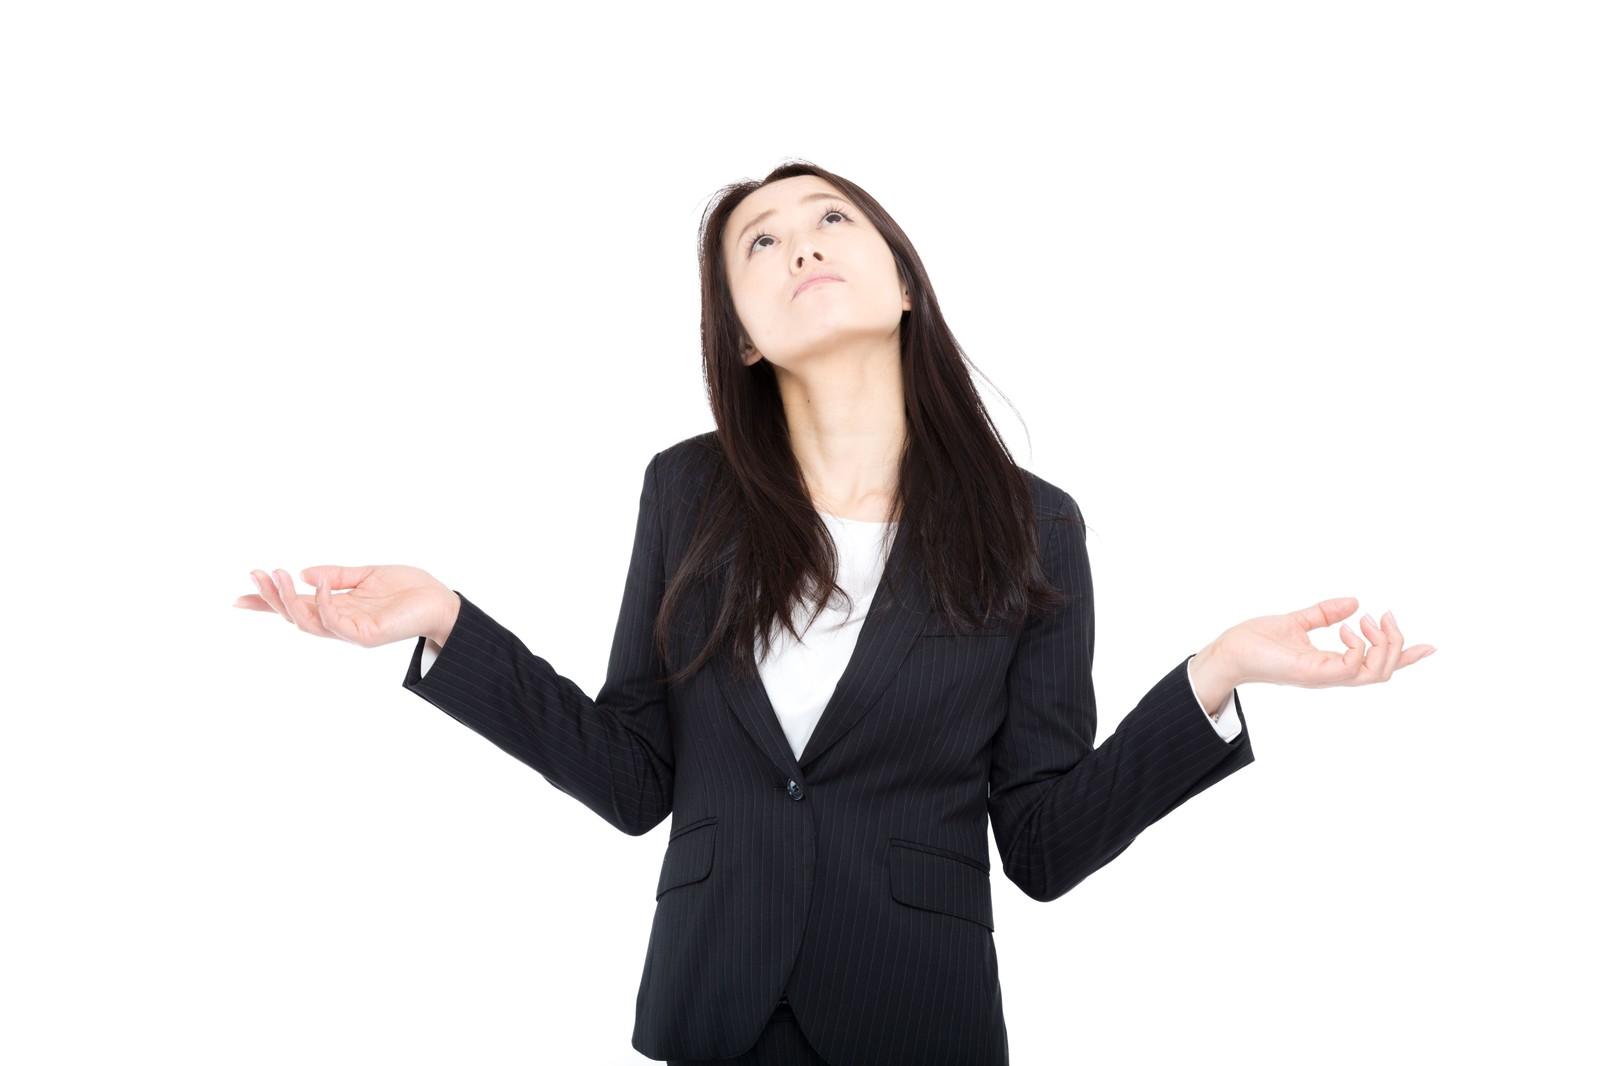 仕事にやりがいがないと辞めたいと感じるのは当たり前。転職時もやりがいを無視してはだめ。